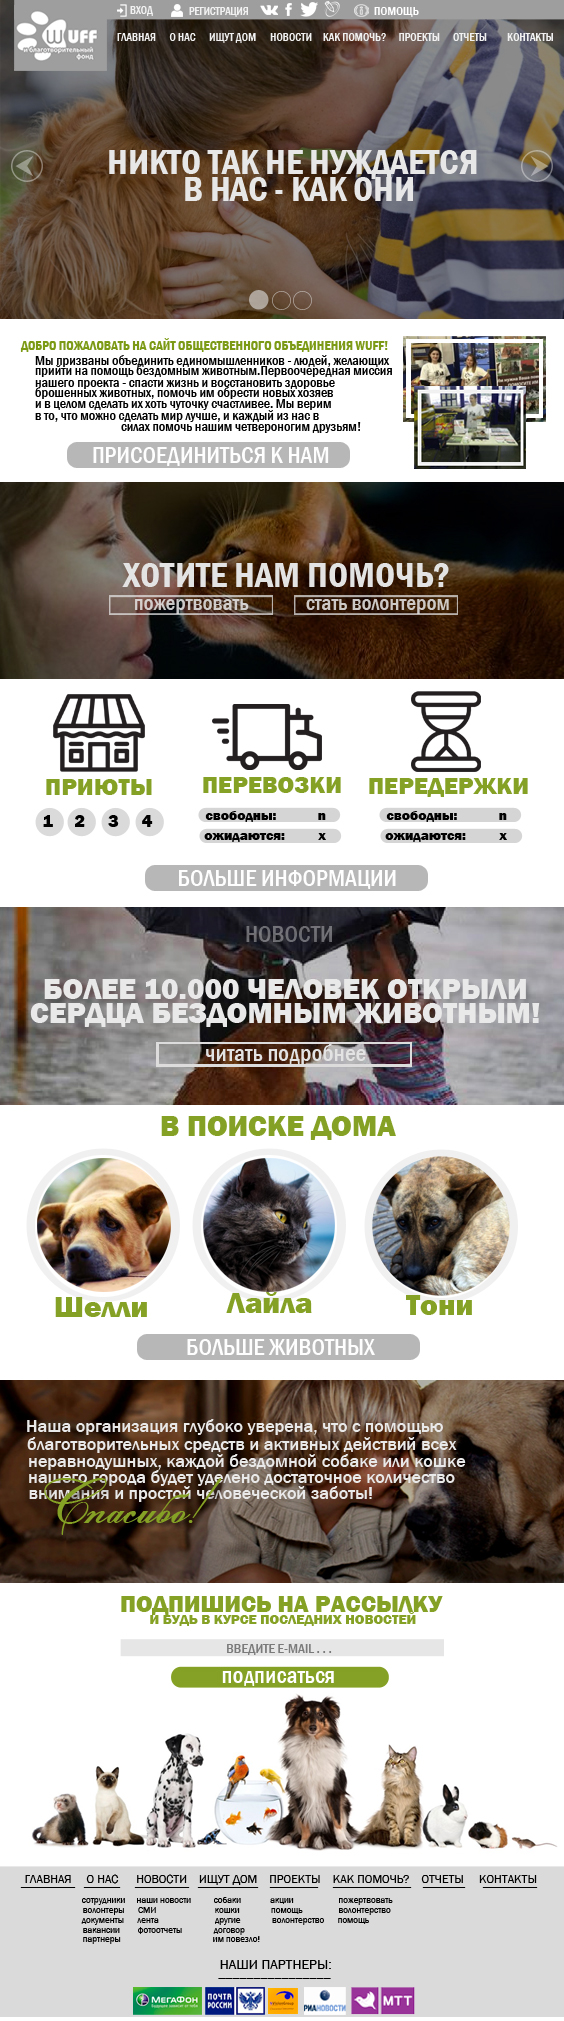 Требуется разработать дизайн сайта помощи бездомным животным фото f_643587dfcc485dea.jpg